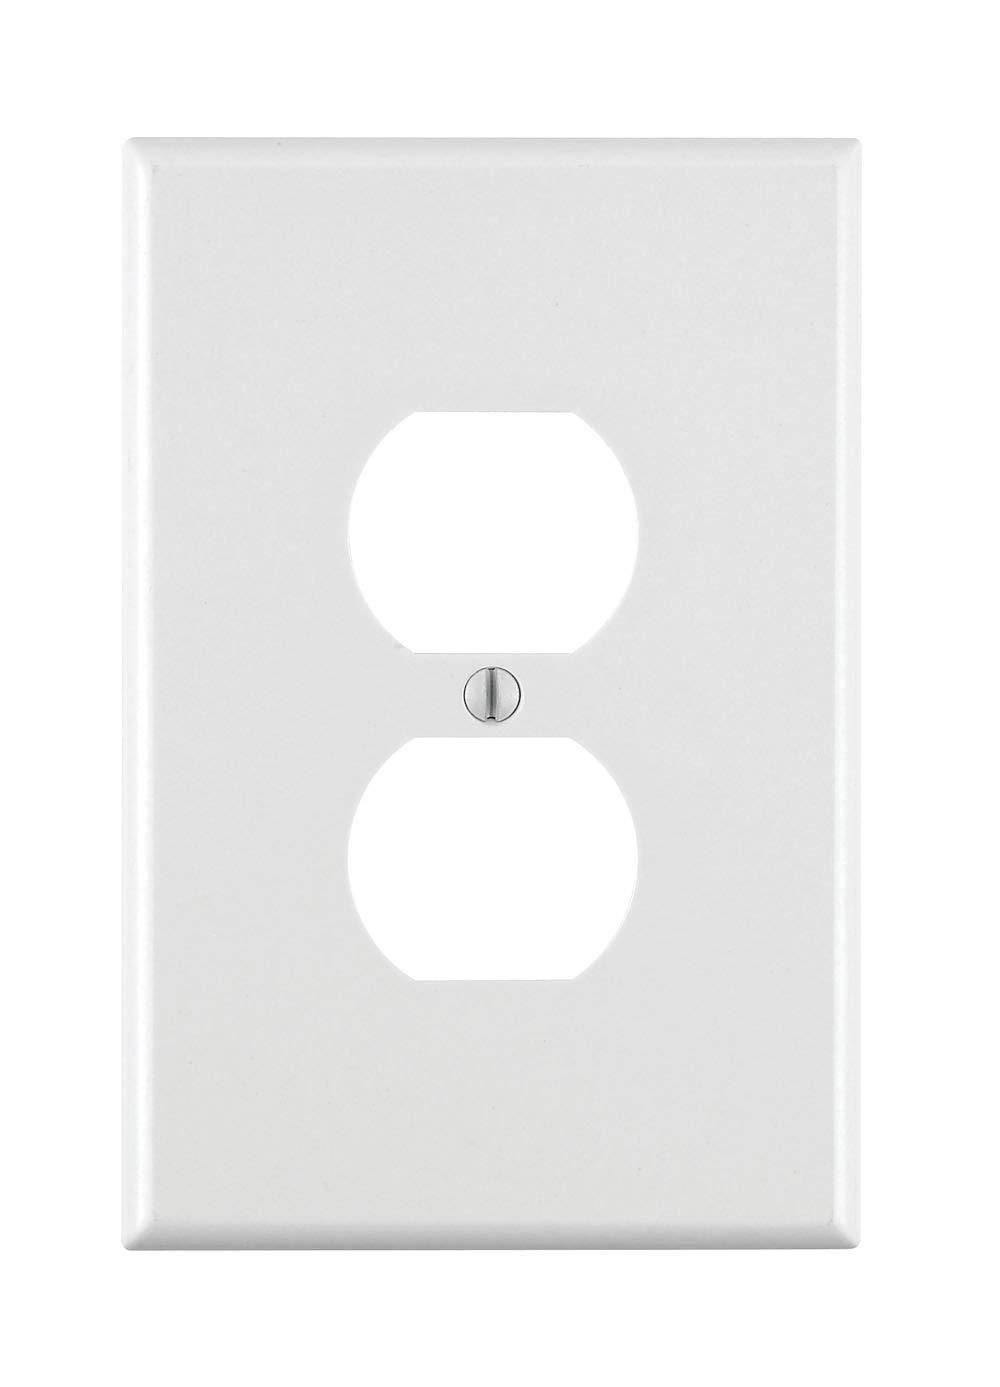 プラスチック製 オーバーサイズ コンセント ウォールプレート 100 Pack 88103 B01D8PBX0Y Pack Pack|ホワイト 10 100 Pack|ホワイト ホワイト 10 Pack, 本家屋:24d5bdac --- gamenavi.club